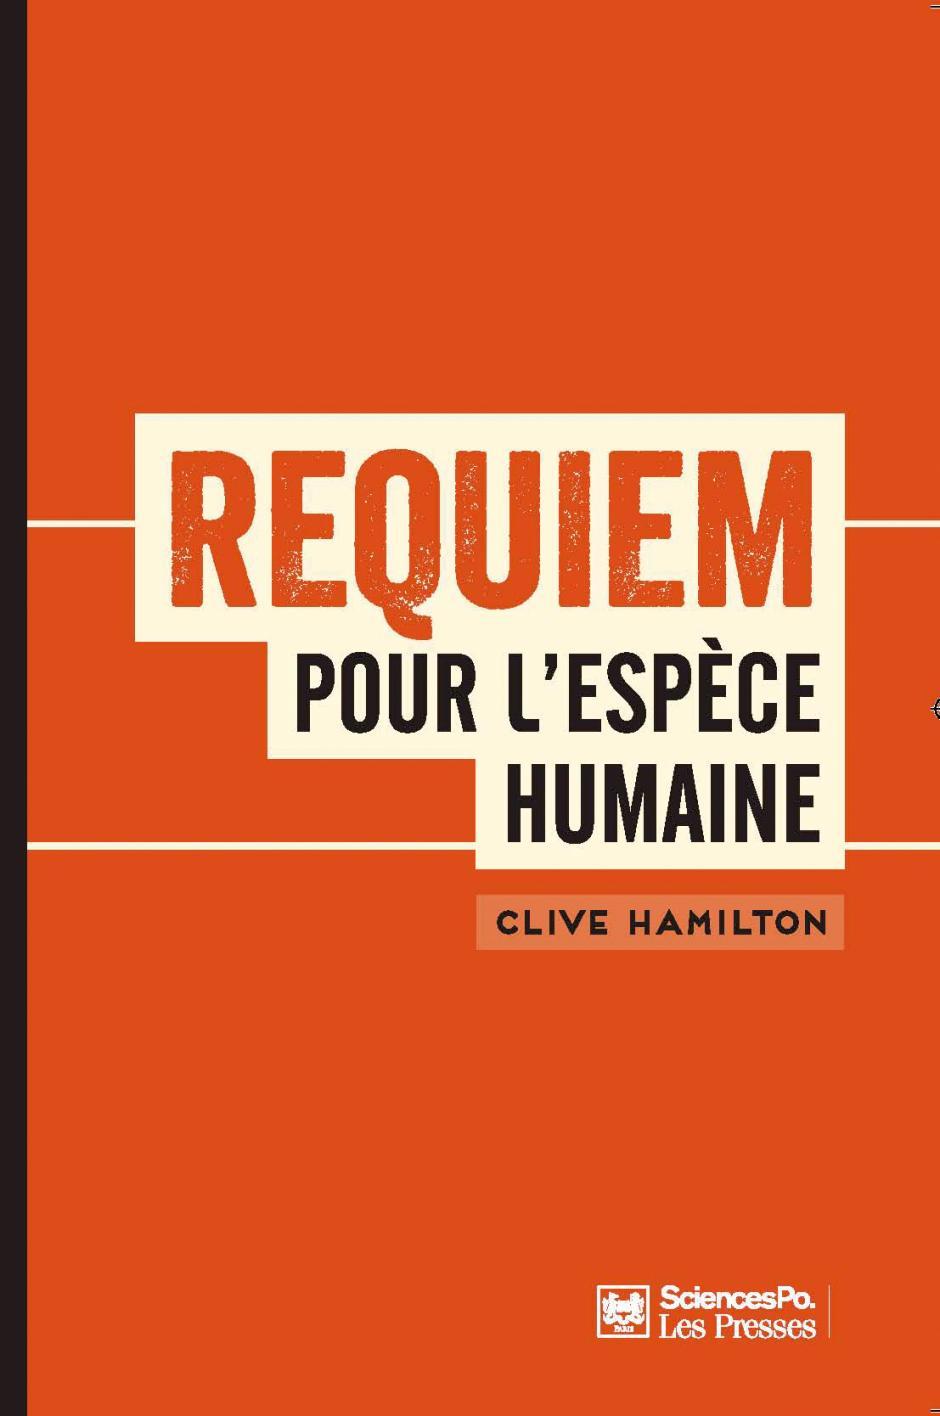 Requiem pour l'espèce humaine, Clive Hamilton